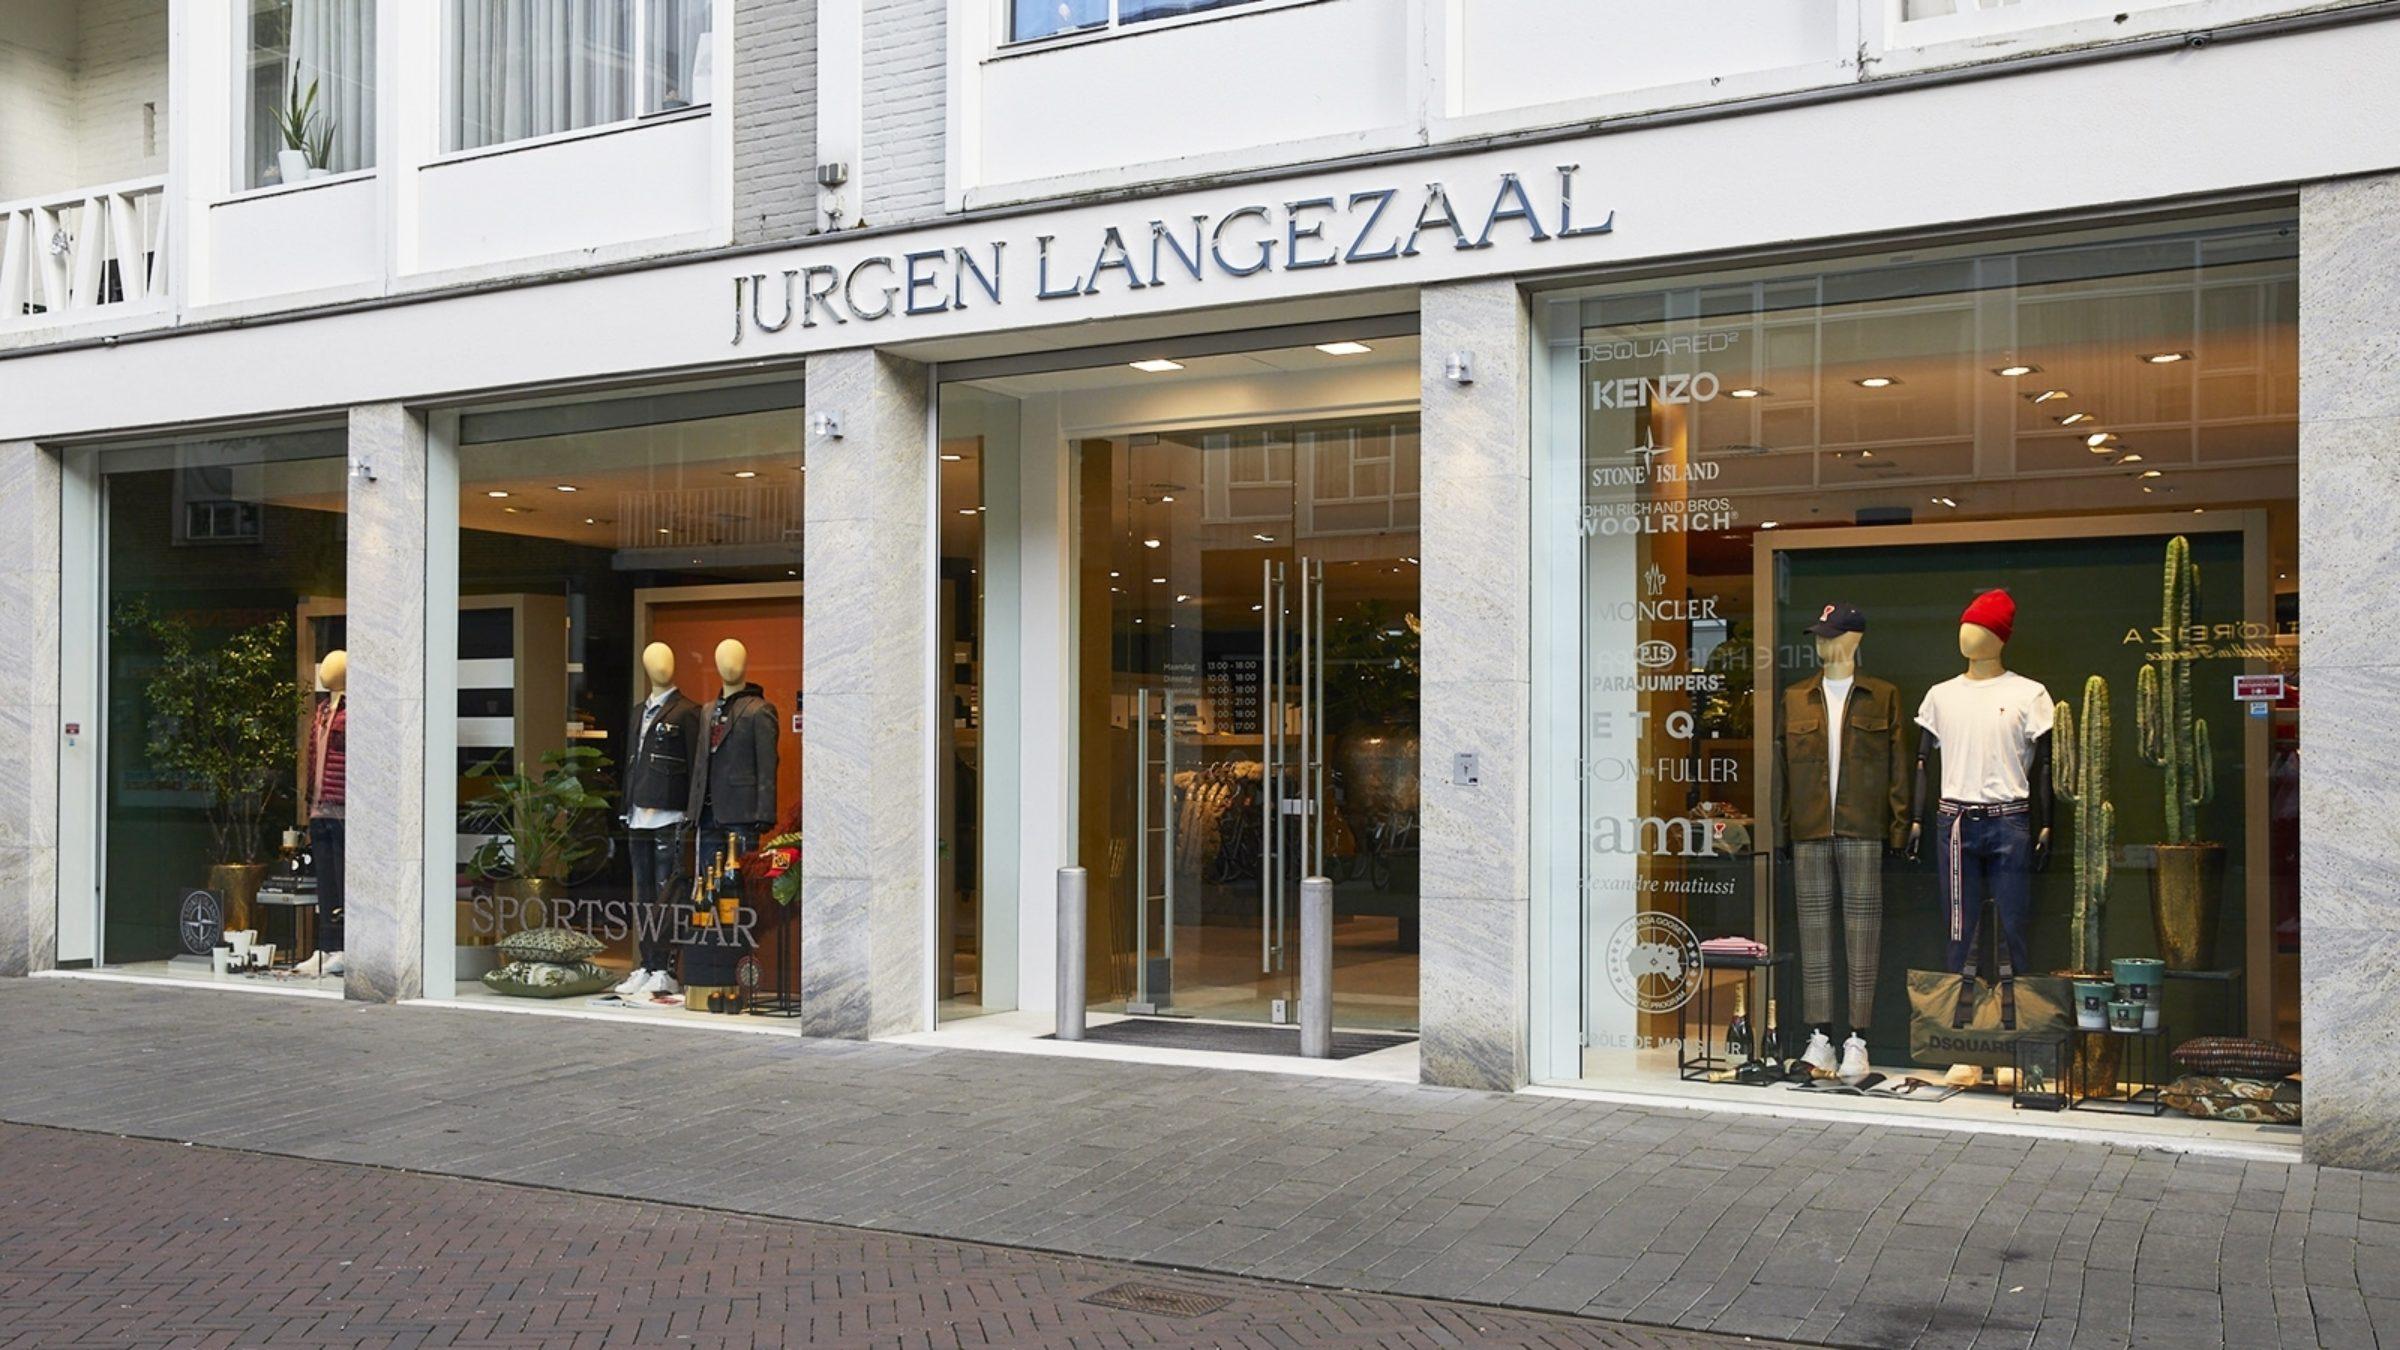 Jurgen Langezaal Sportswear Gevel 1600X900